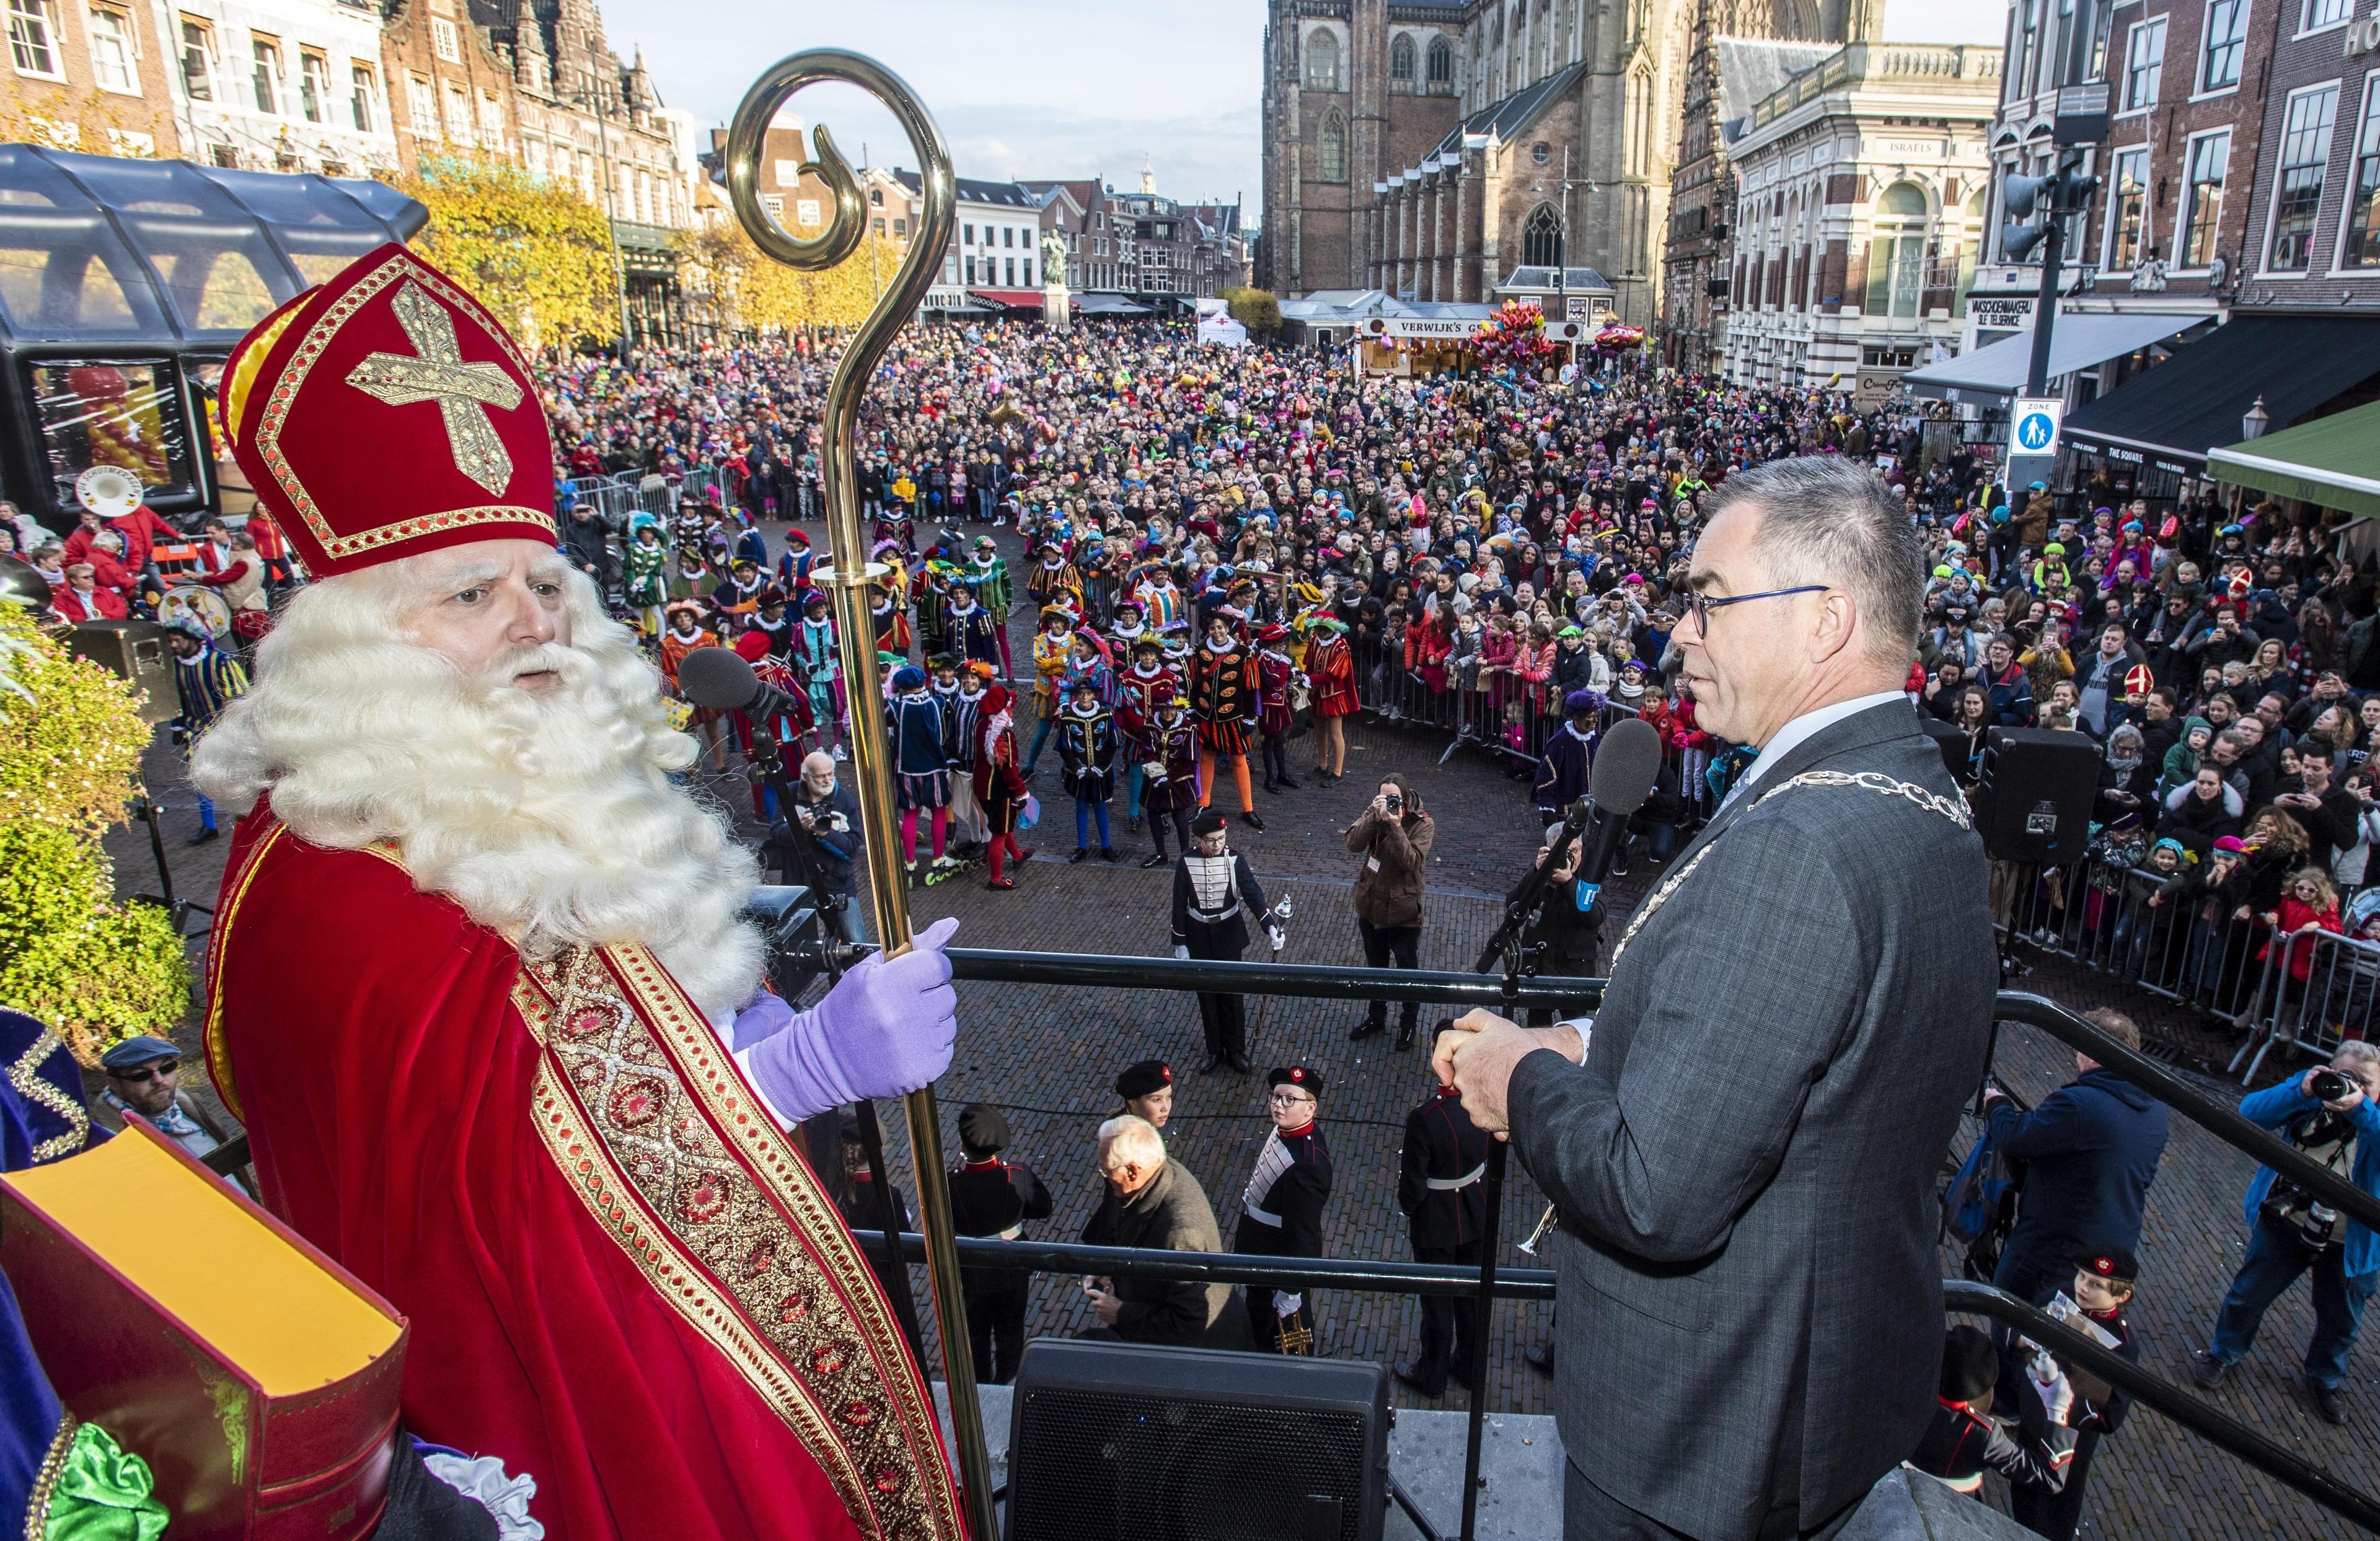 Sinterklaas brengt de zon mee naar Haarlem - Noordhollands Dagblad